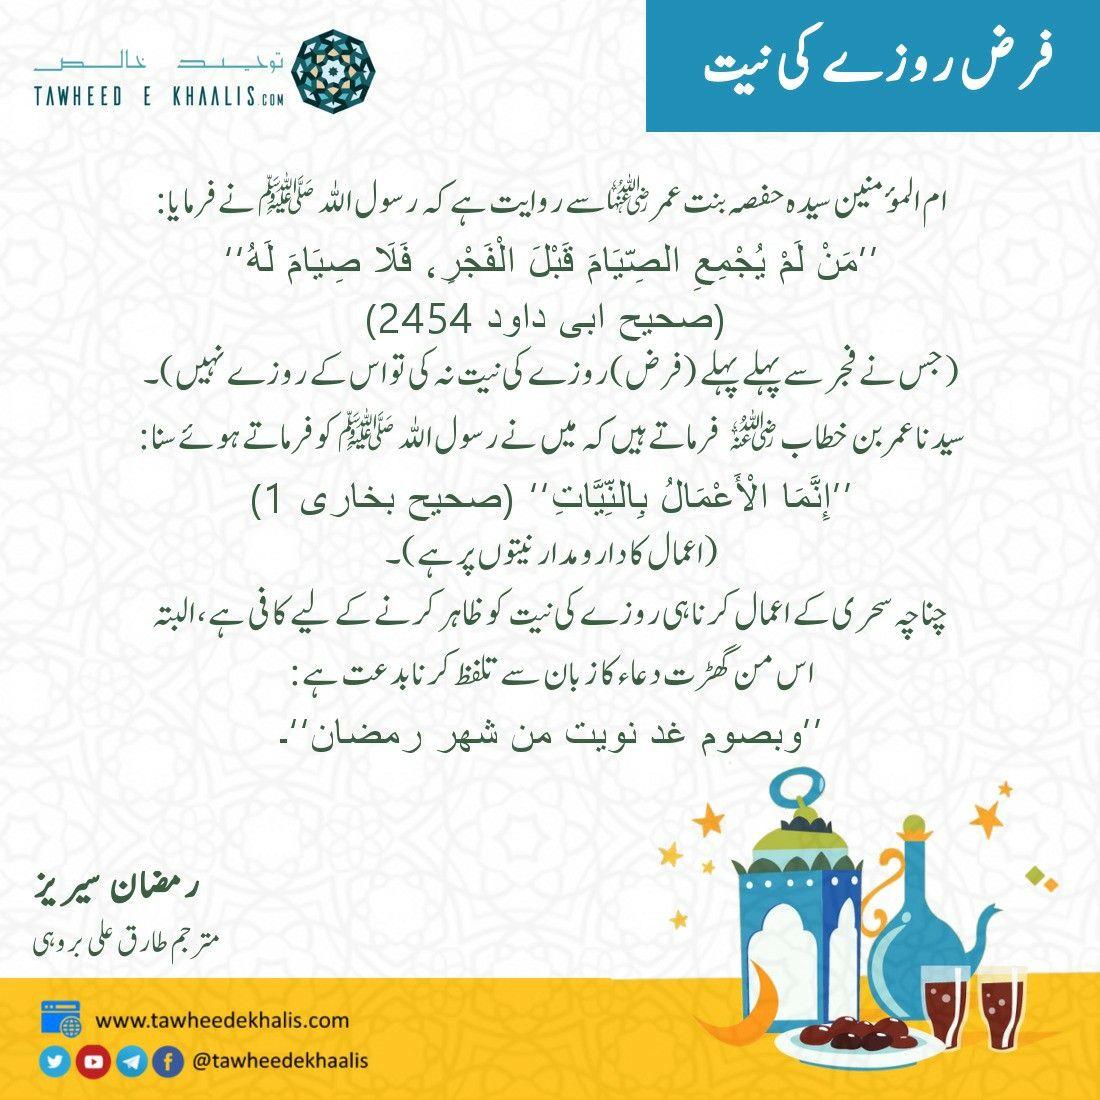 فرض روزے کی نیت Ramadan Hadith Intentions